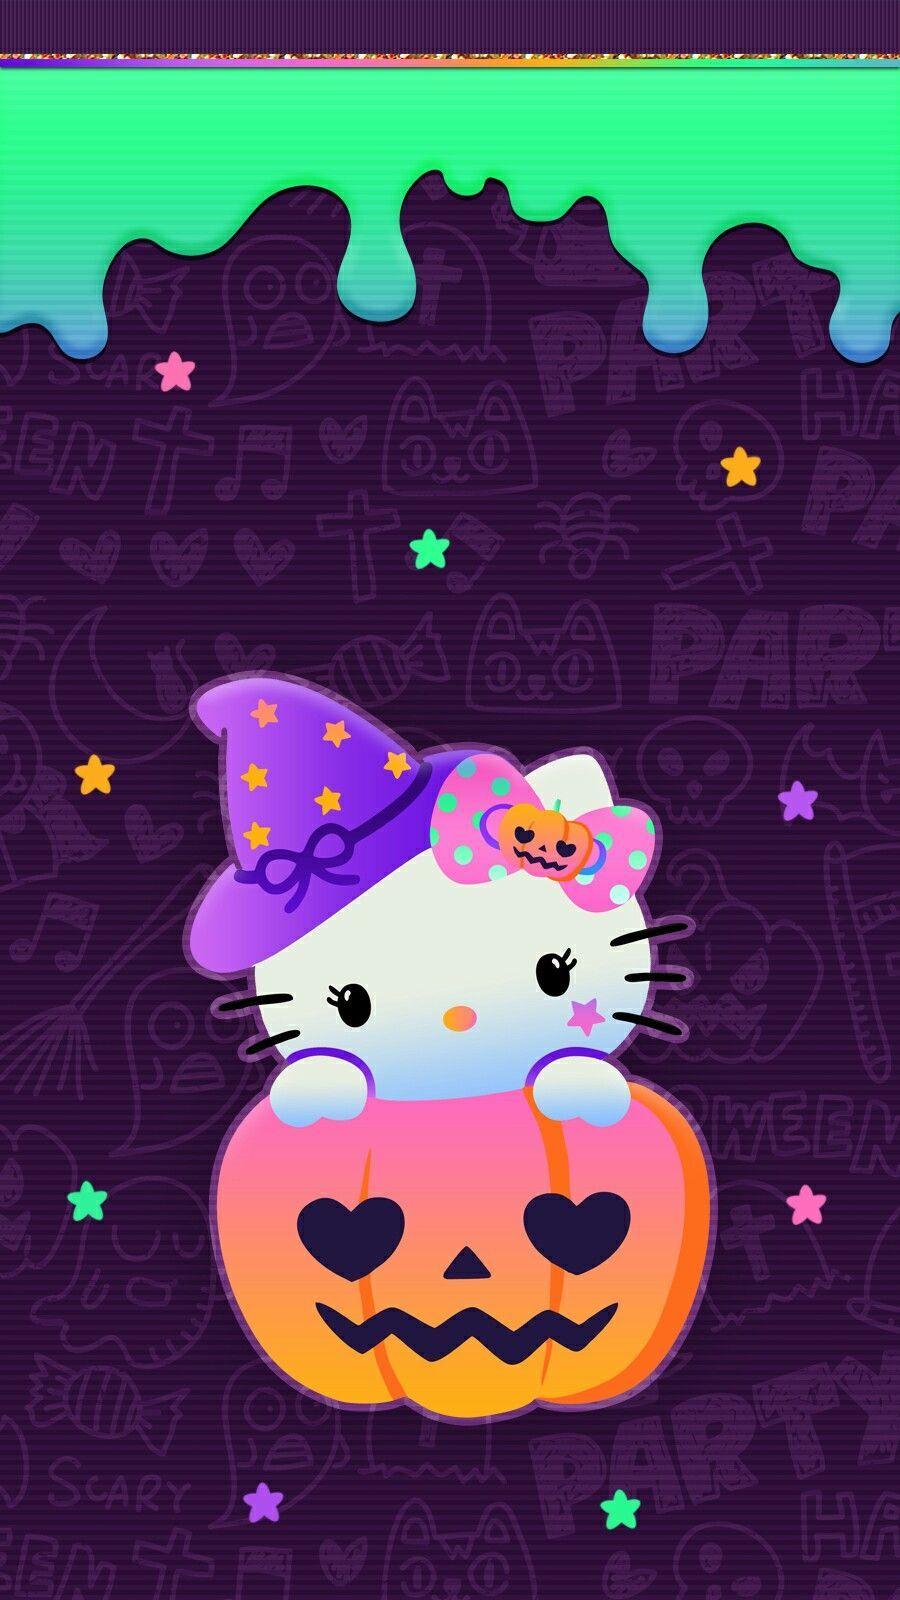 Hello Kitty Halloween Wallpaper Iphone 2019 Halloweenbackgroundswallpapers H Hello Kitty Wallpaper Hello Kitty Halloween Hello Kitty Halloween Wallpaper